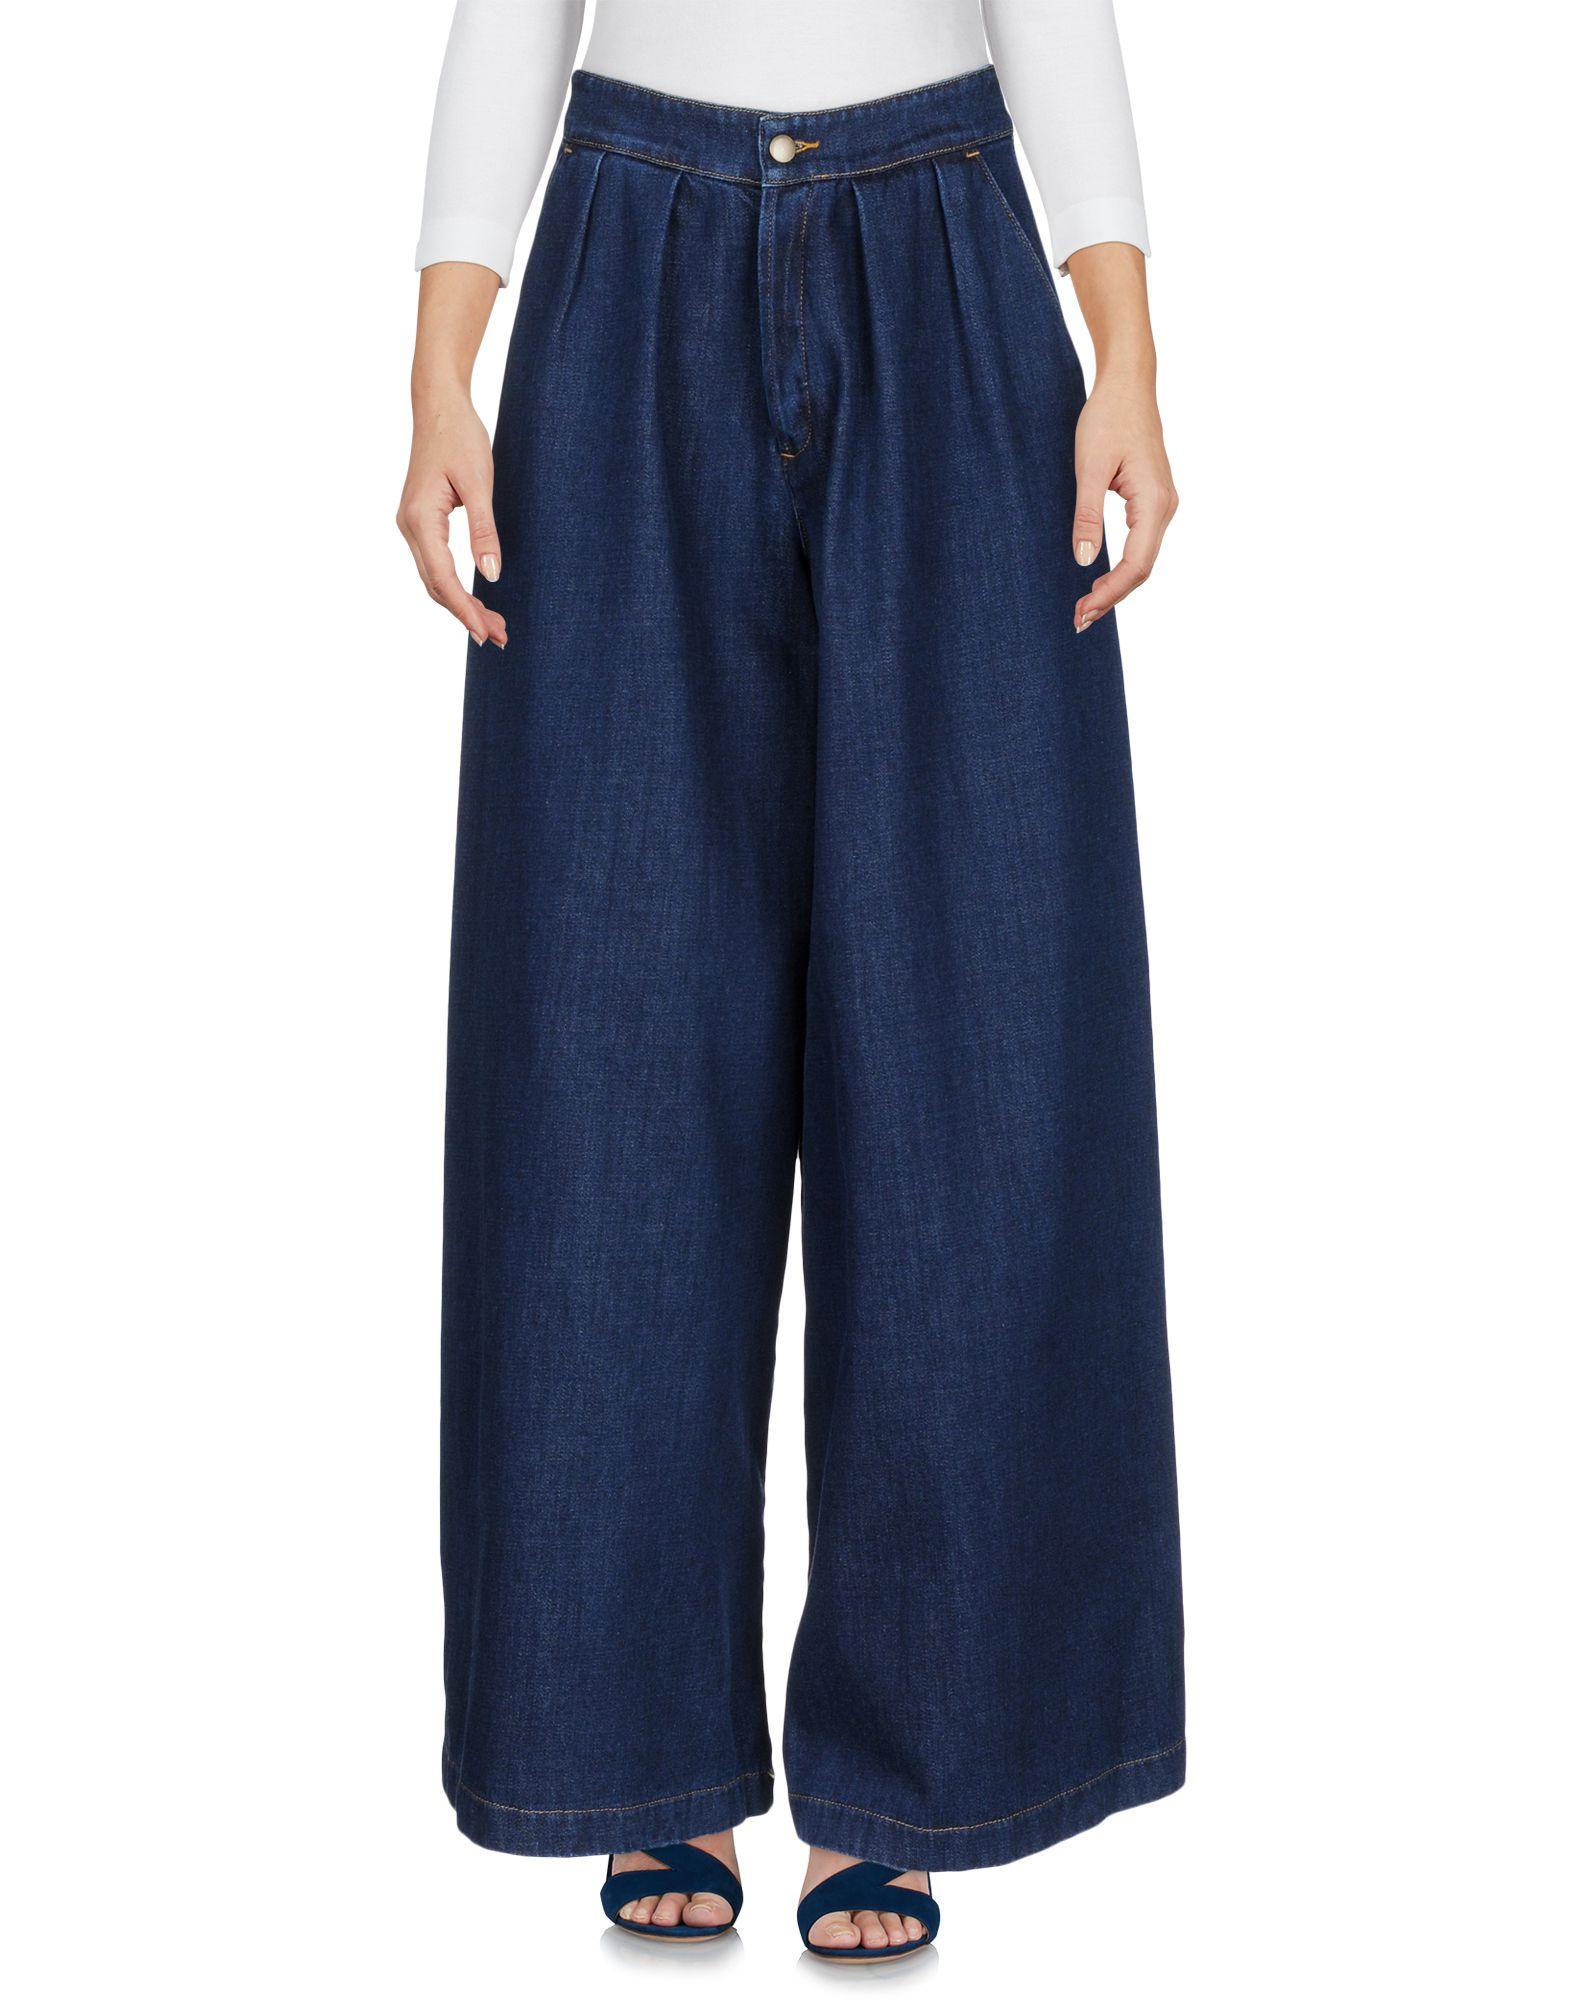 FOUDESIR Джинсовые брюки carver pioneer camp джинсовые брюки мужские обычные джинсовые брюки темно синий 33 611 021